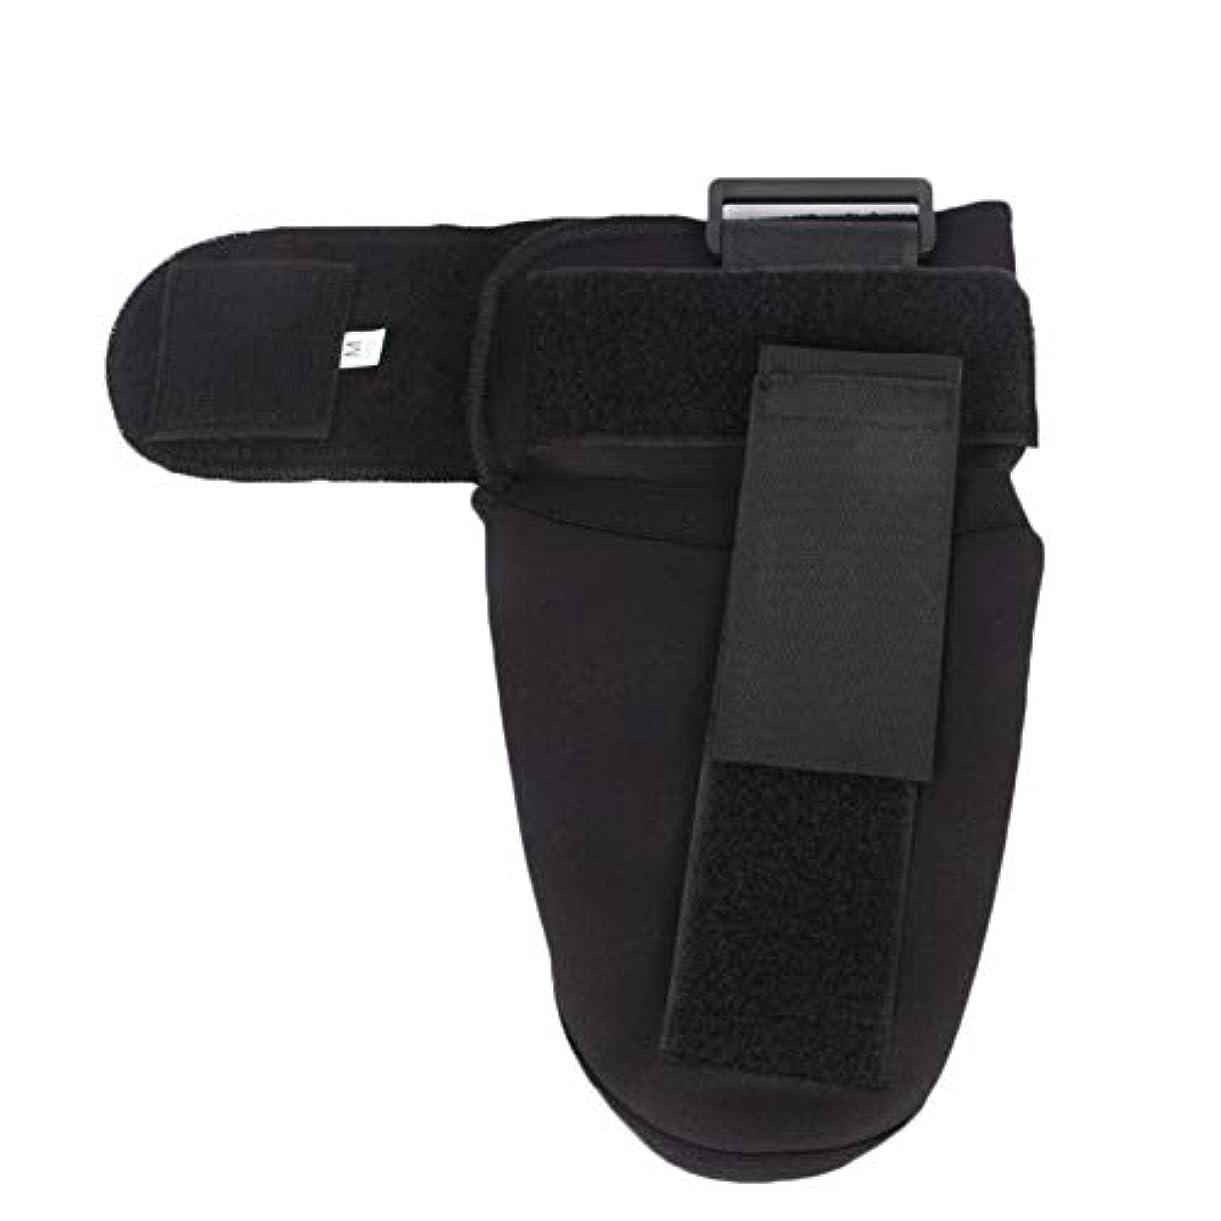 作り老人疎外Xlp 足の痛みを軽減するための足底足首サポートベルトソフト通気性フットプロテクター